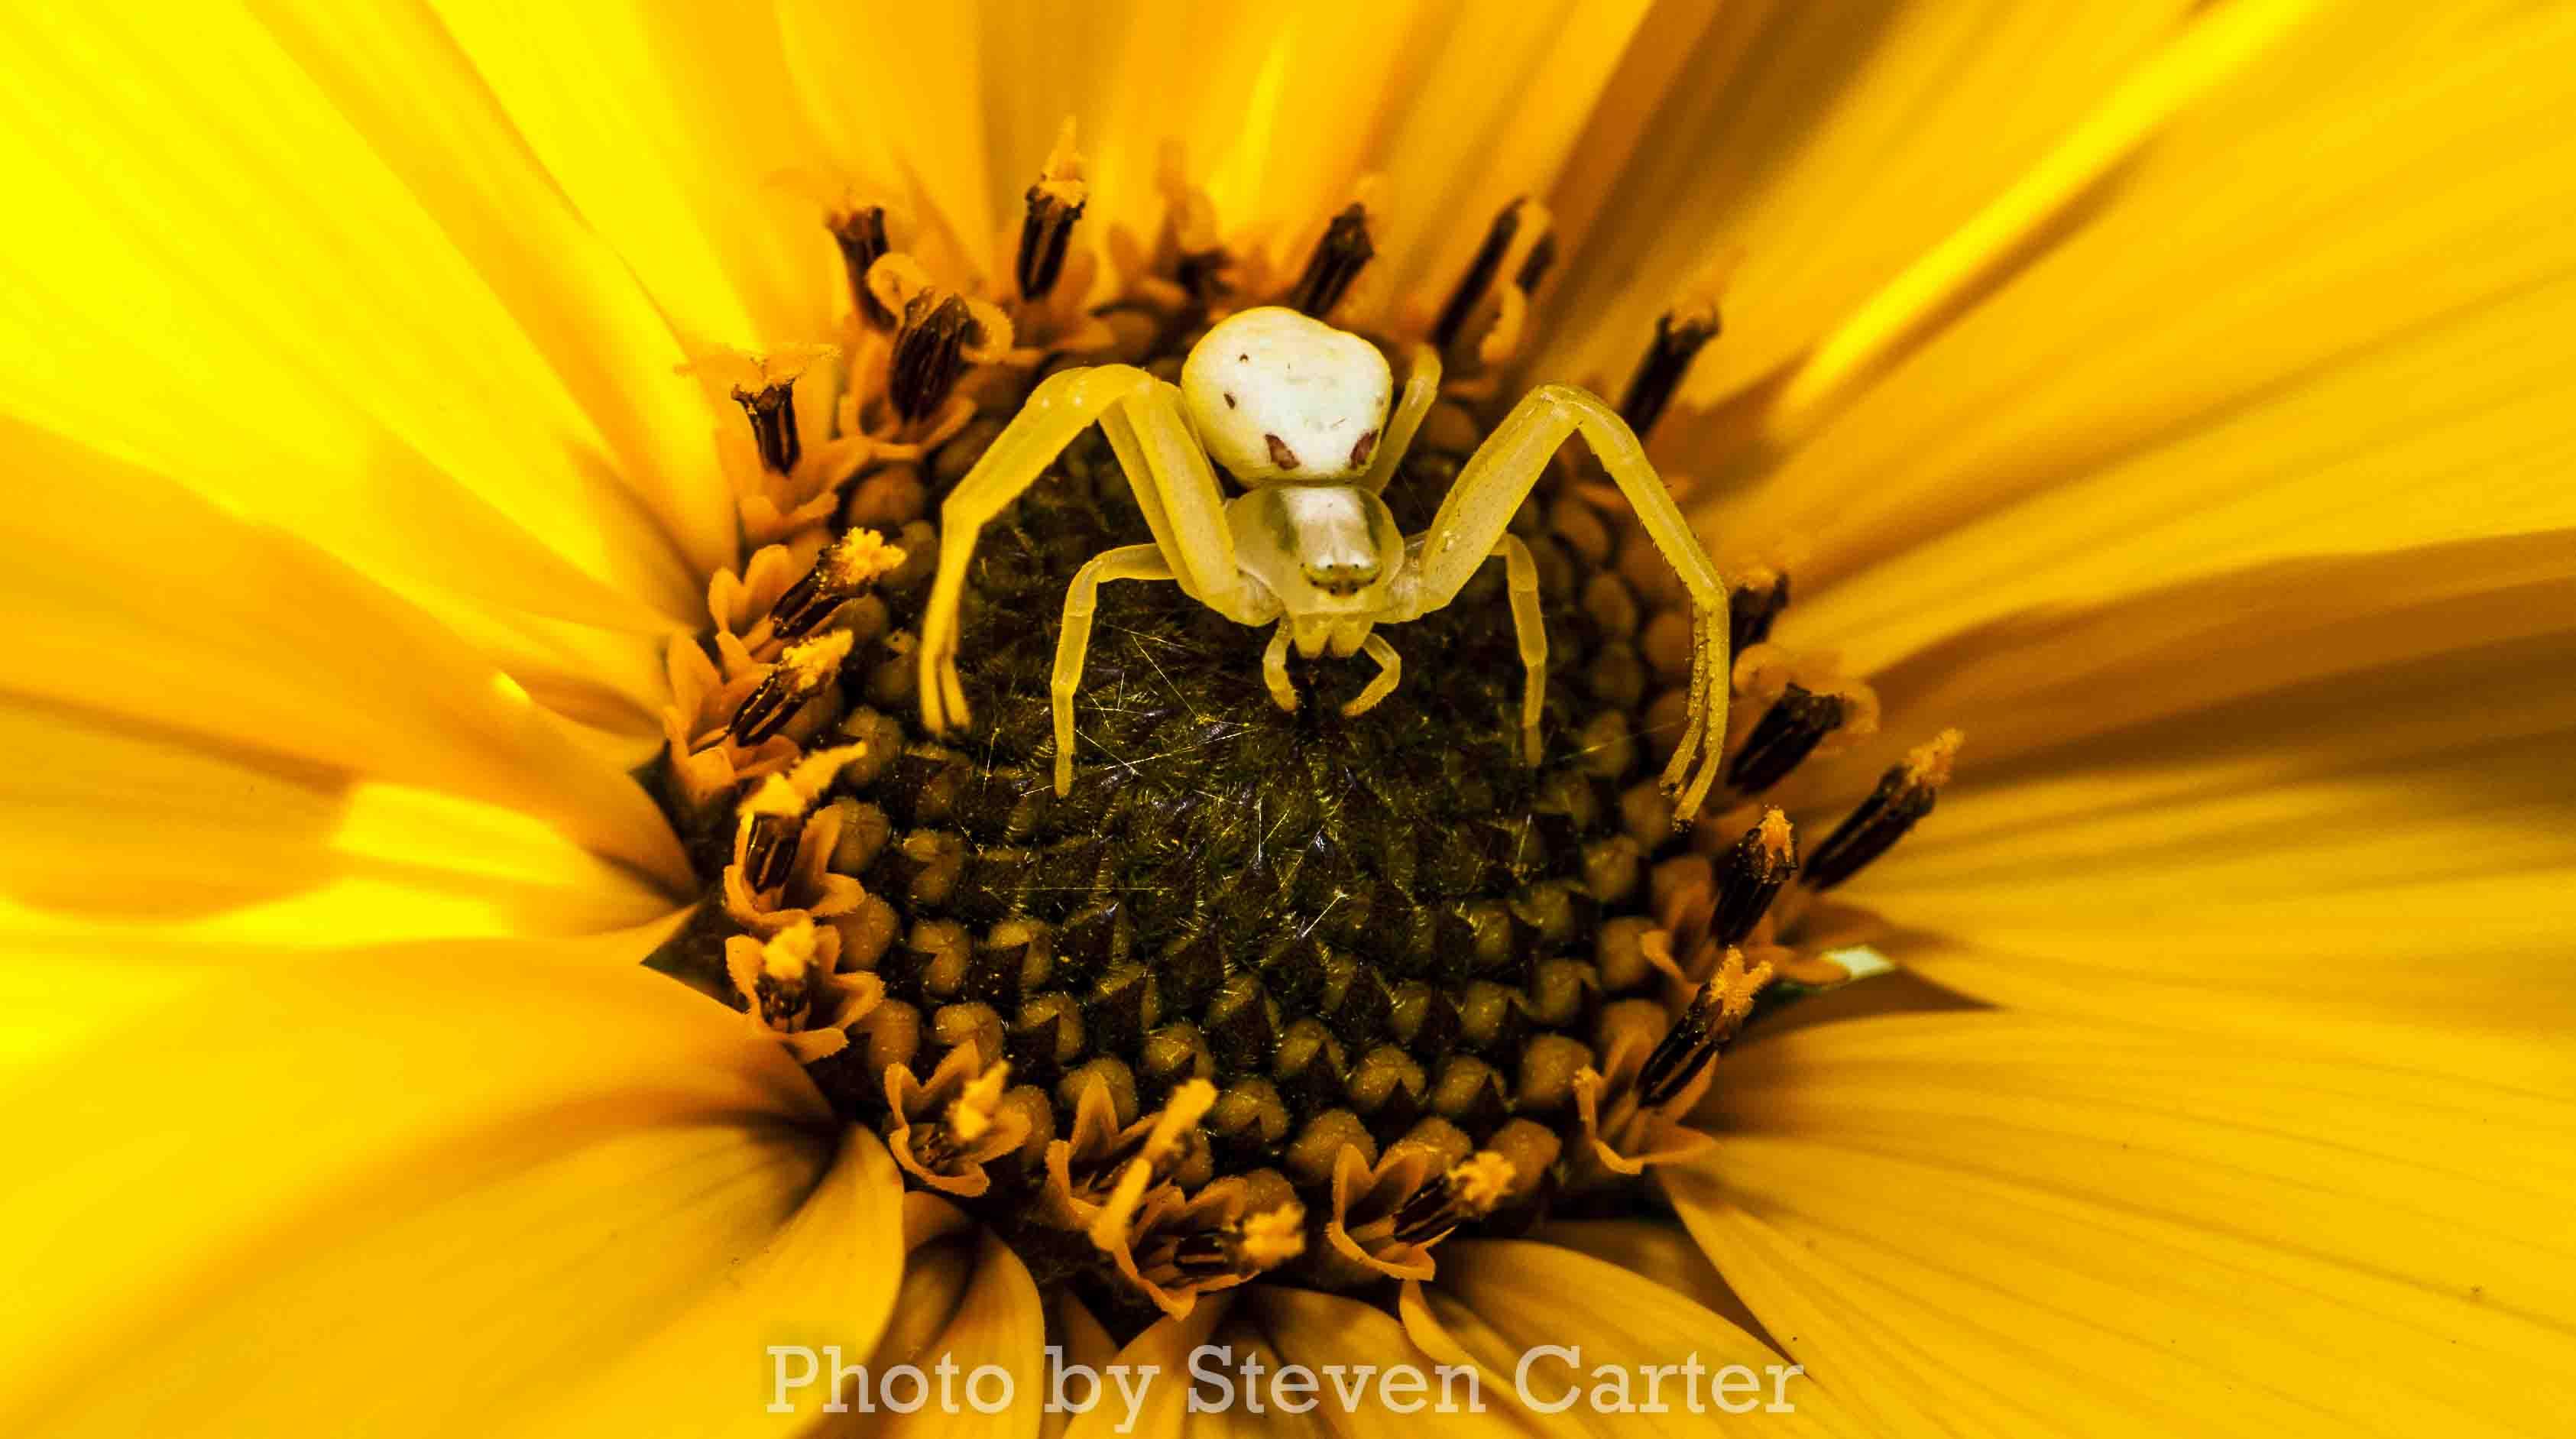 Wallpaper Flowers Yellow Pollen Spider Flower Flora Petal